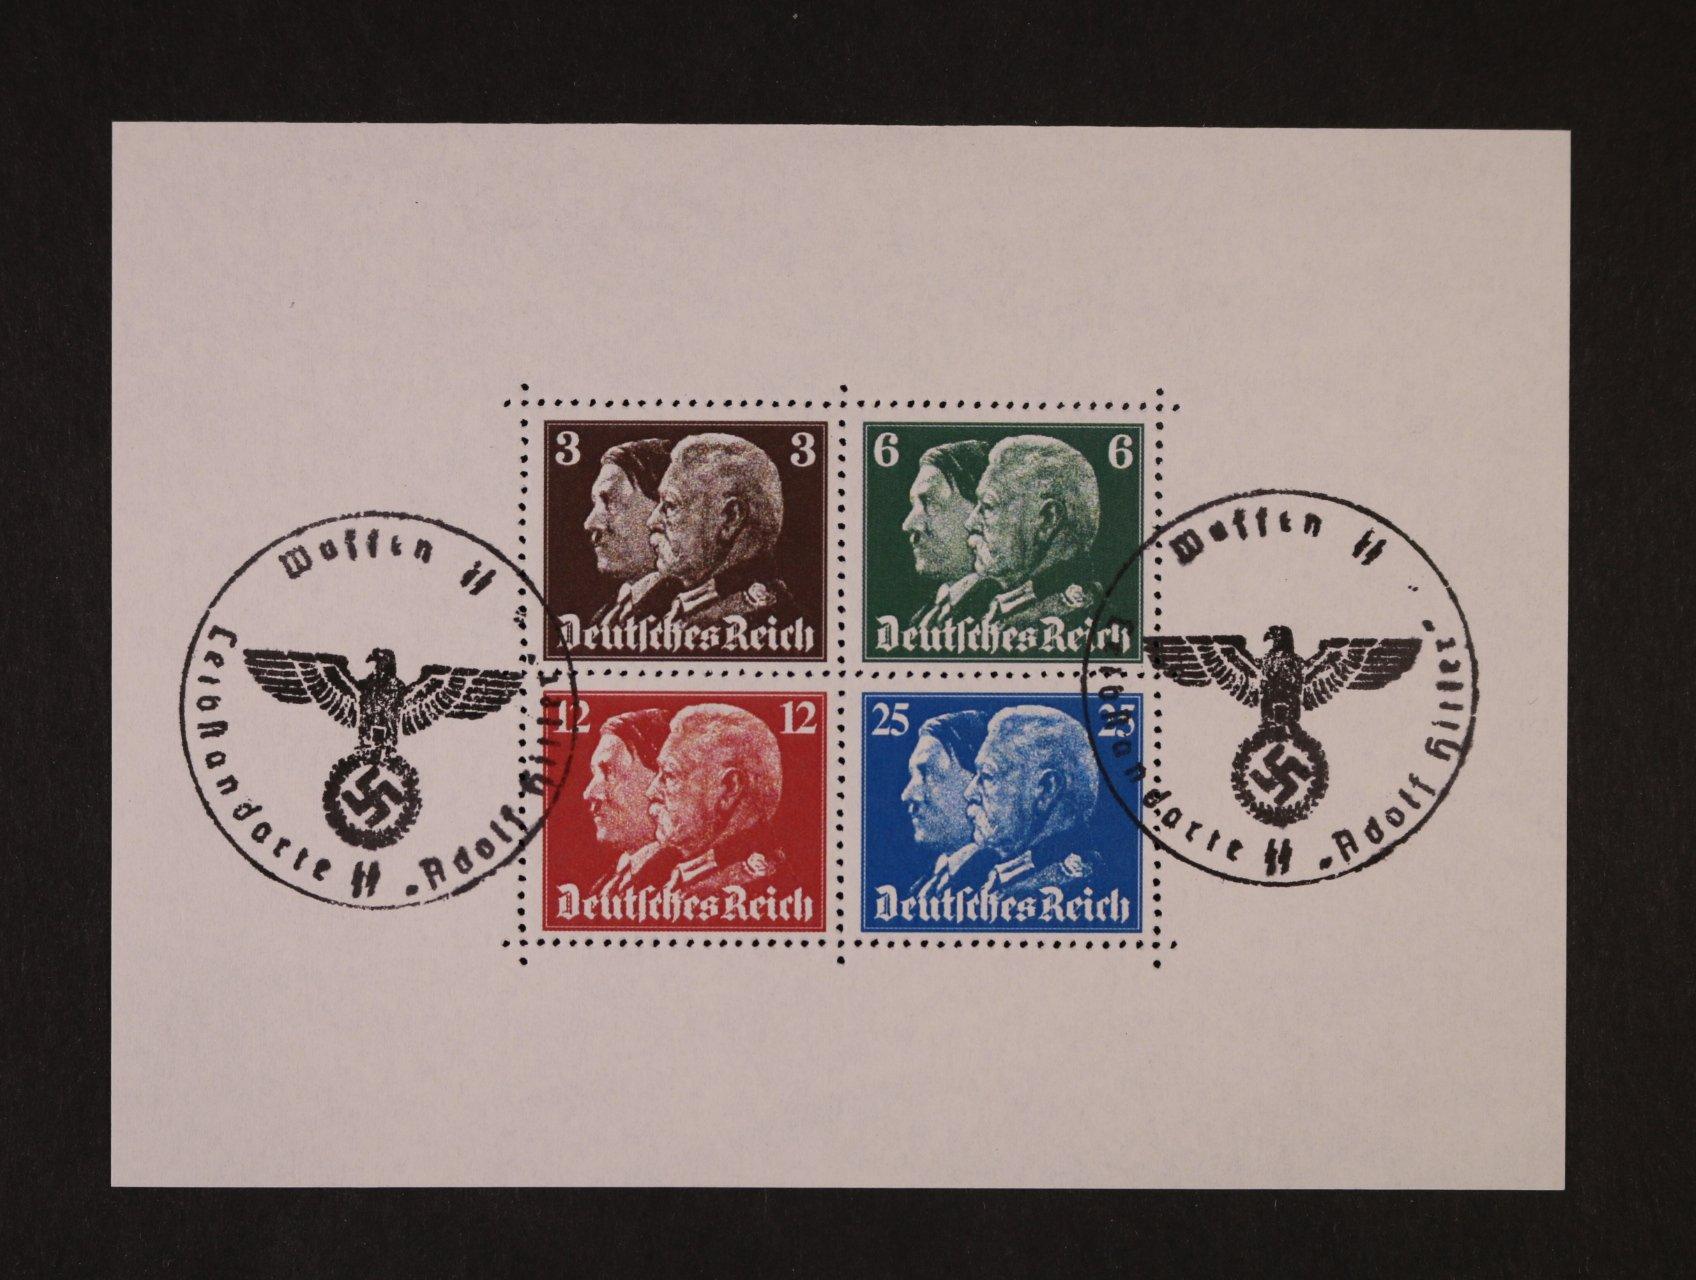 Propagační falza - privátní tisk s hodnotou 3, 6, 12 a 25pf s portrétem A. H + Hindenburg v soutisku v aršíkové úpravě s pam. raz.